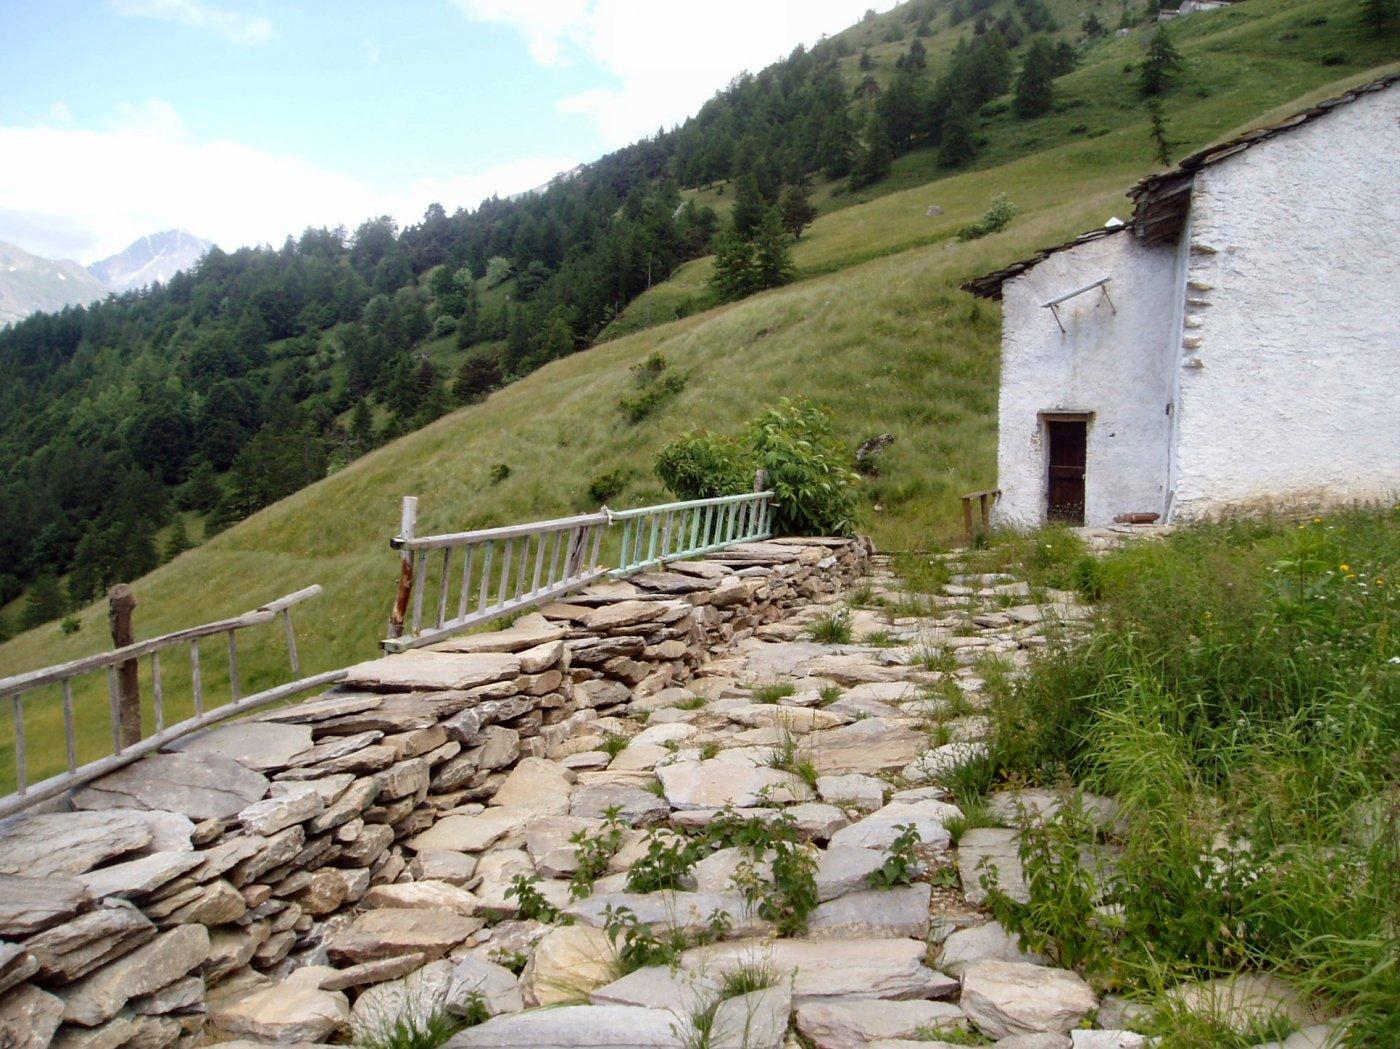 Fratelli Chiaberto (Bivacco) da Forte Pampalù 2015-06-20